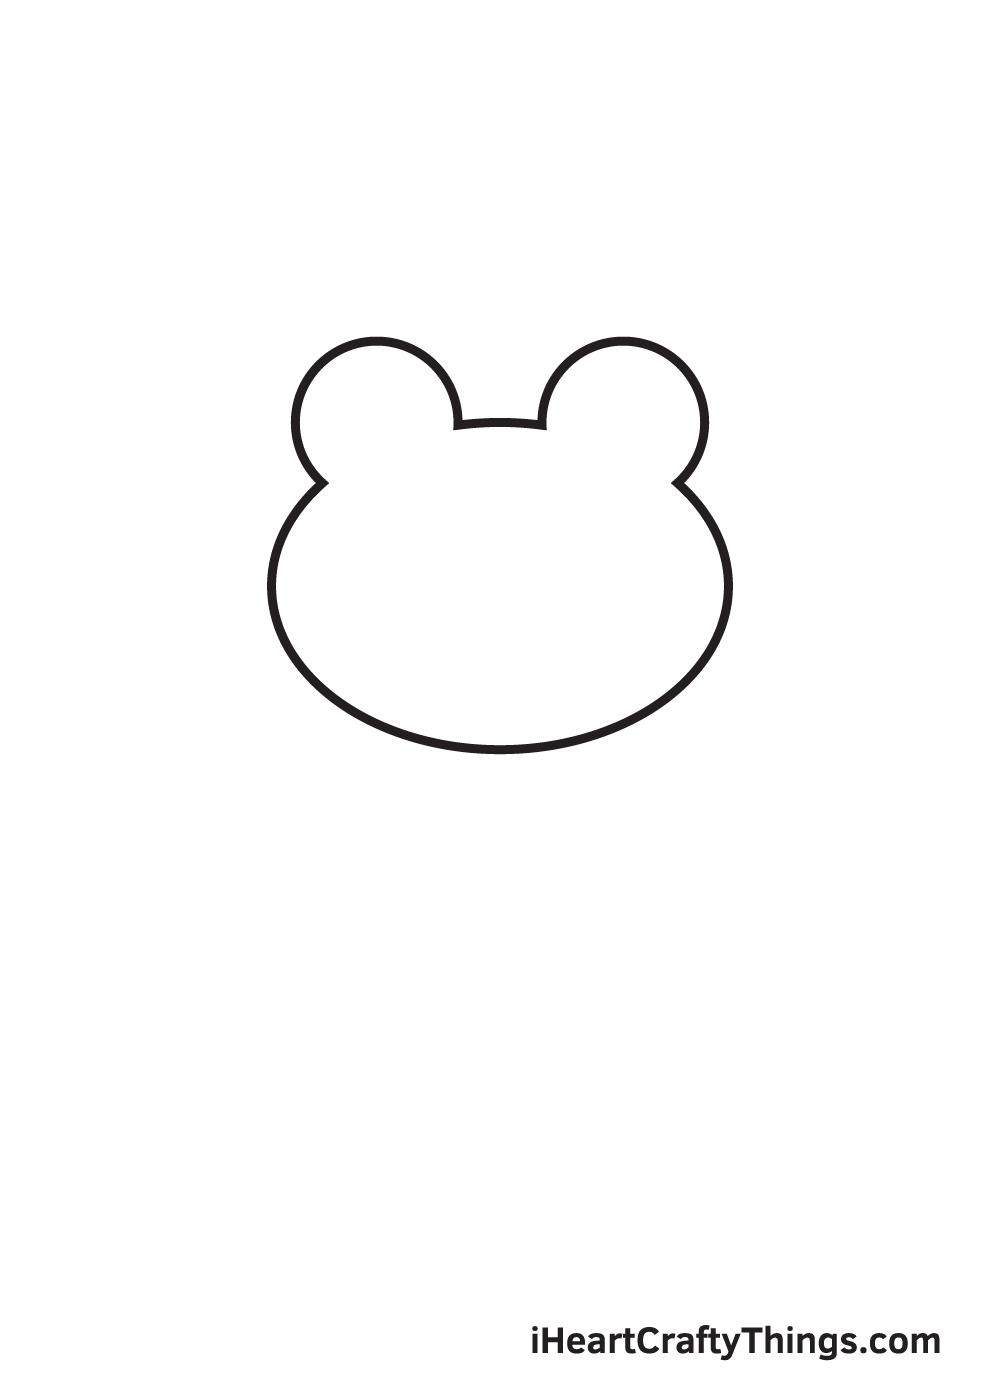 Vẽ ếch - Bước 1